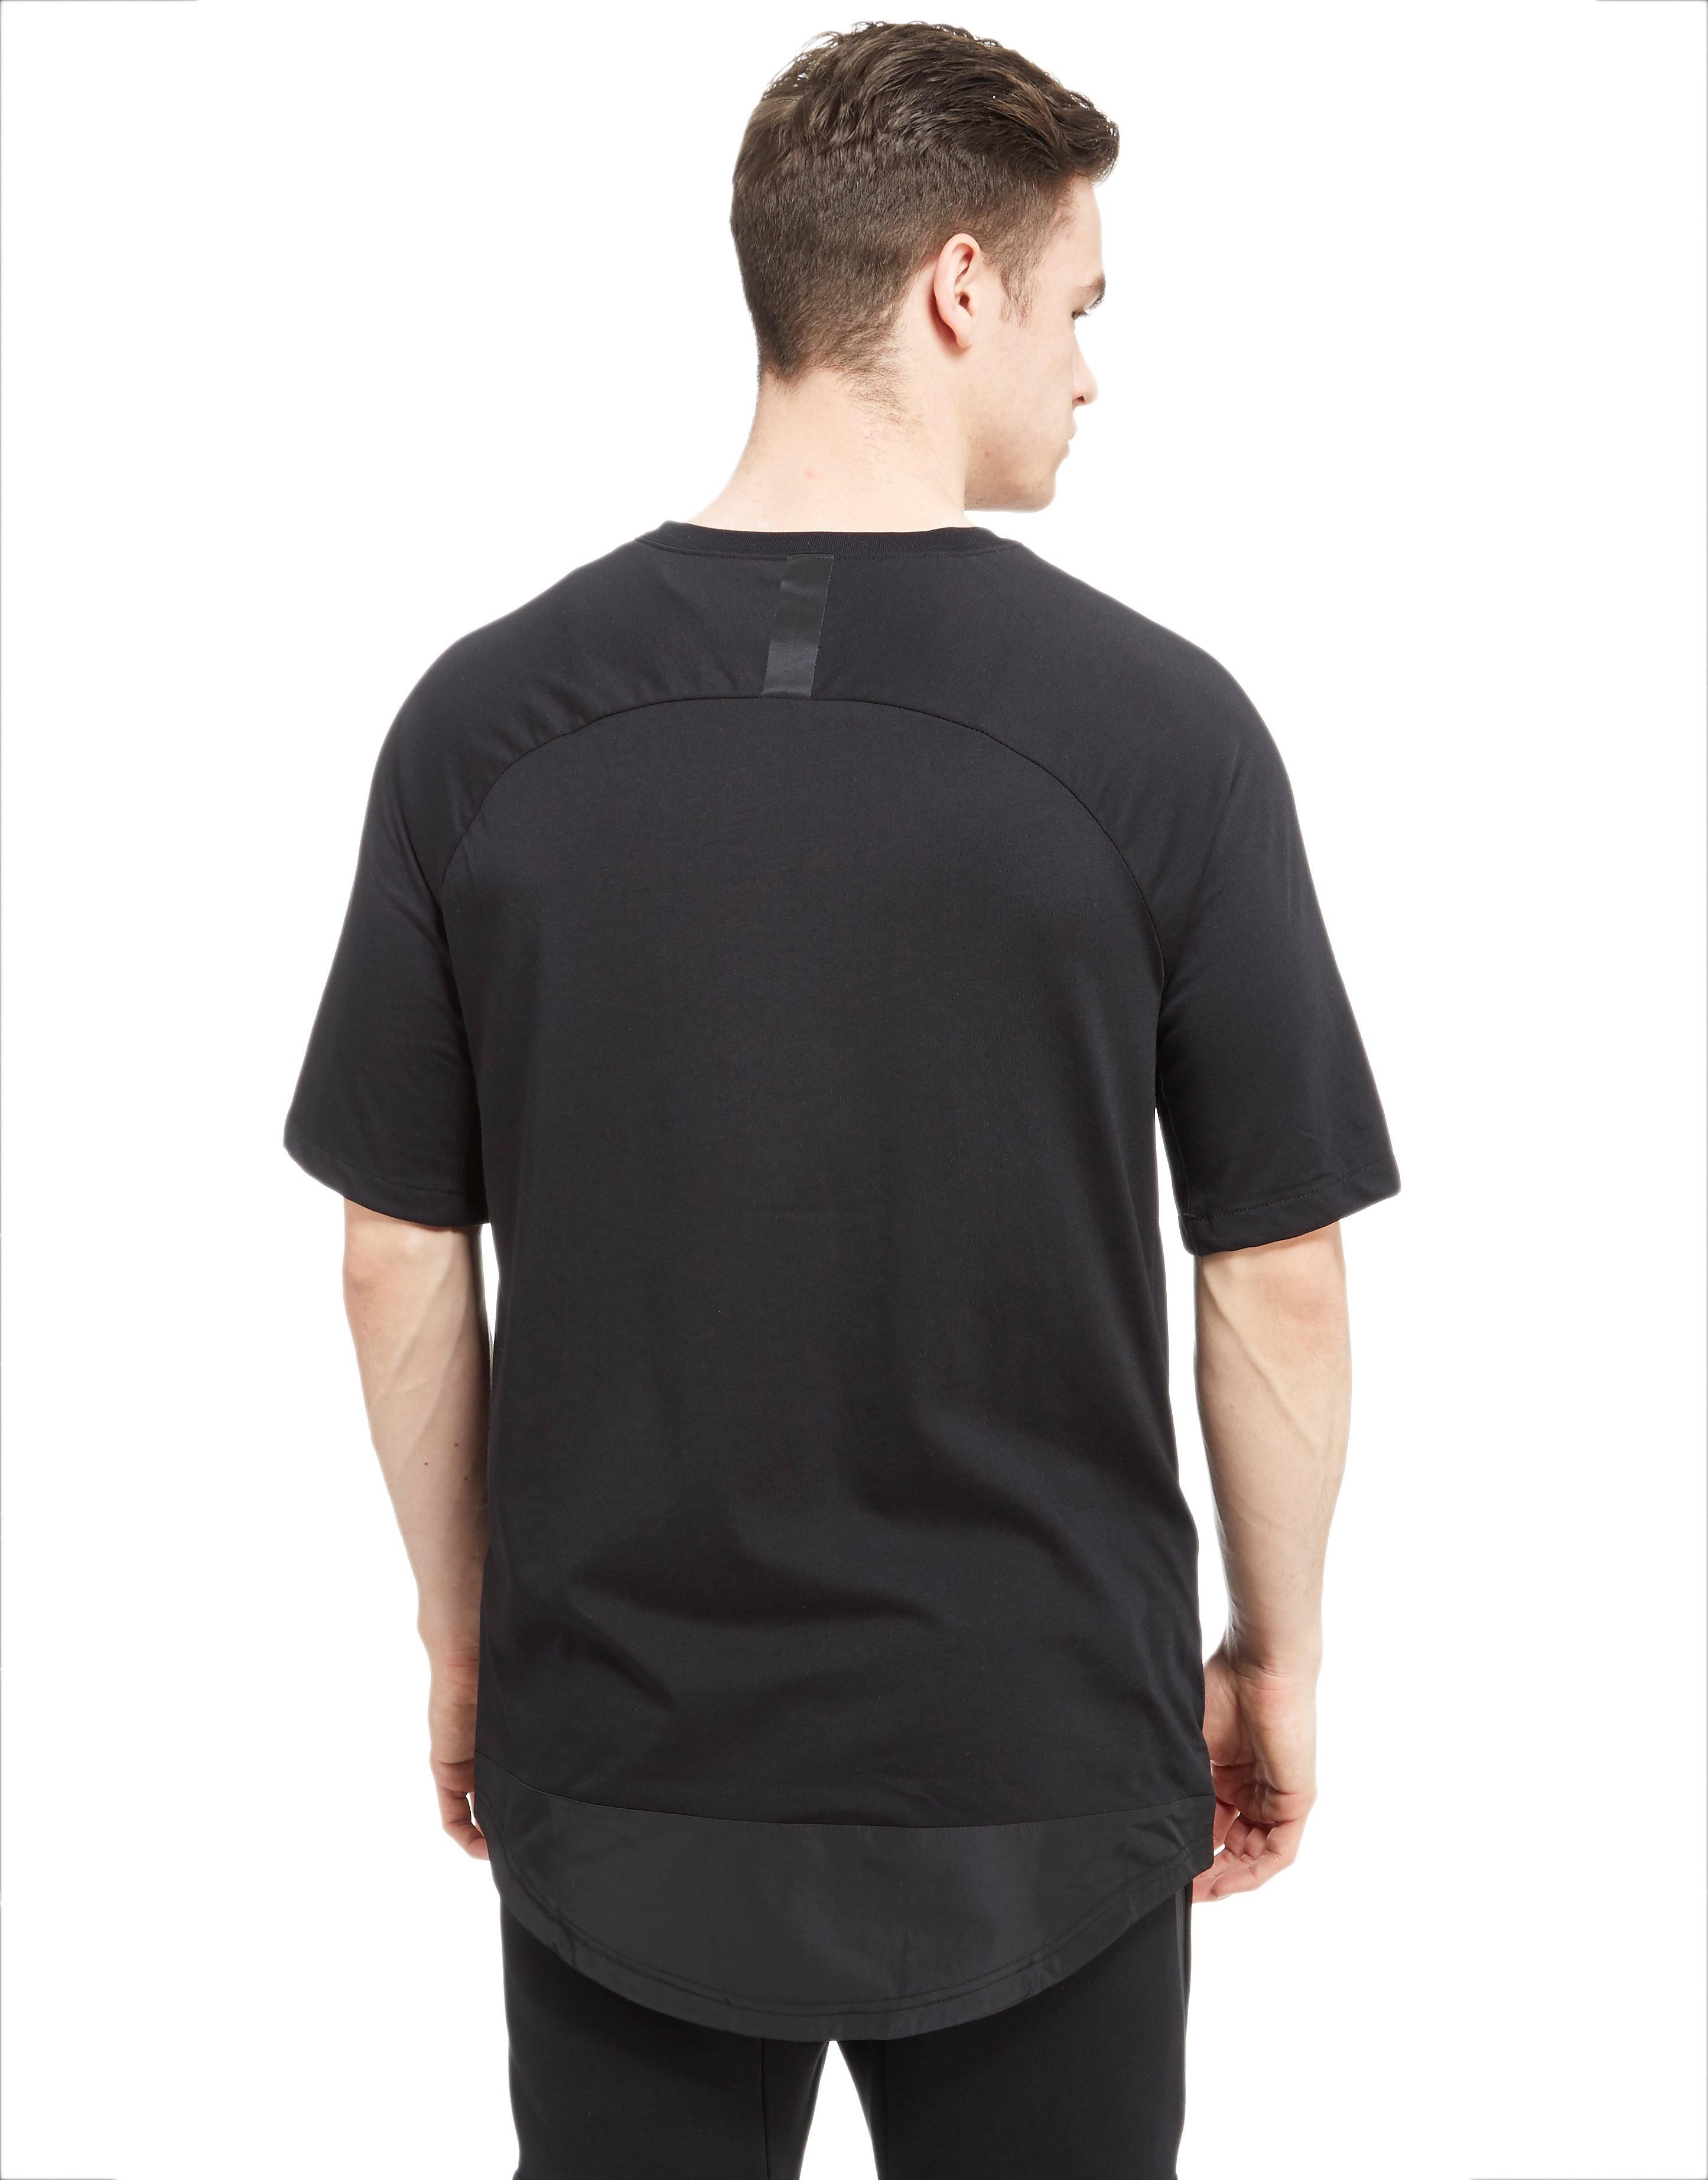 Nike Tech Knit T-Shirt